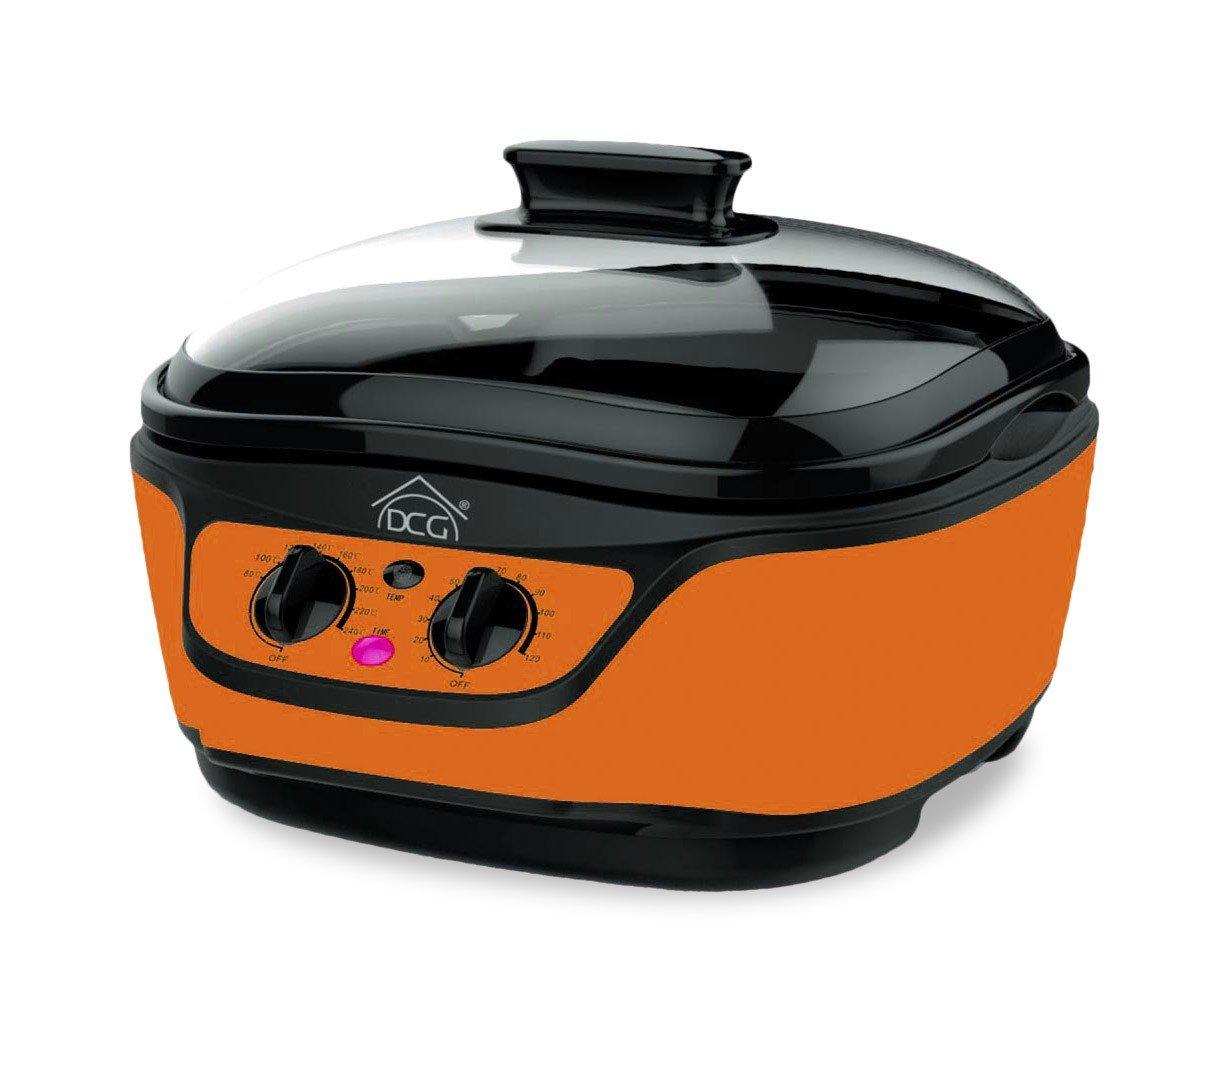 Multicooker robot cucina MB2400 DCG 8 funzioni in 1 capacità 5 LT e accessori. MEDIA WAVE store ® (Arancione)